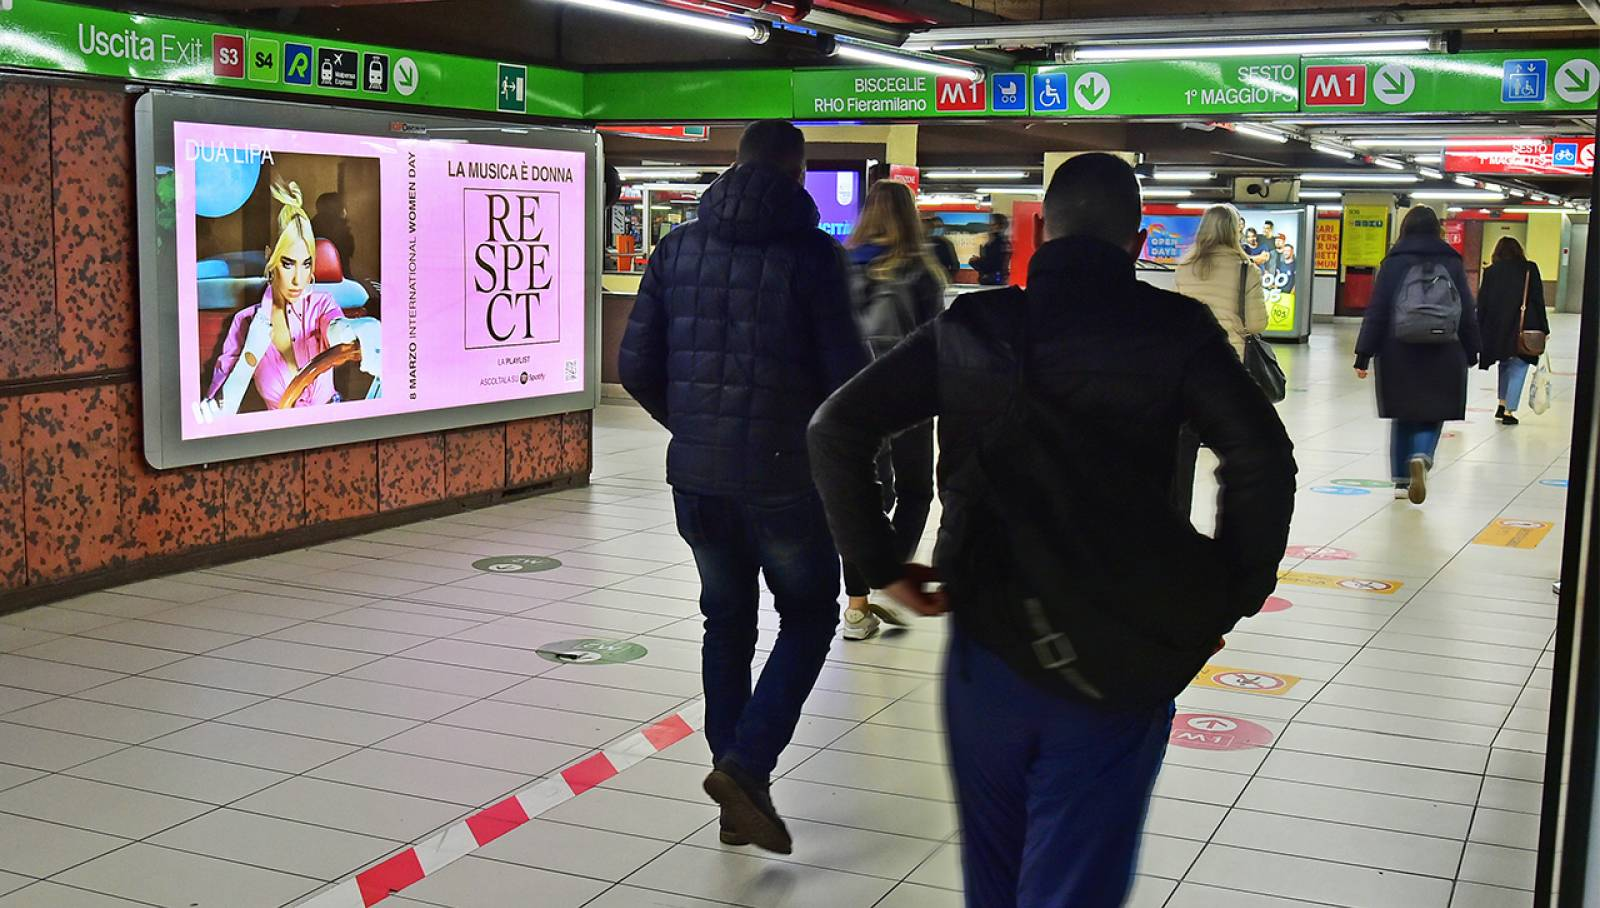 Pubblicità in metropolitana a Milano IGPDecaux Circuito Maxi per Warner Music Italy